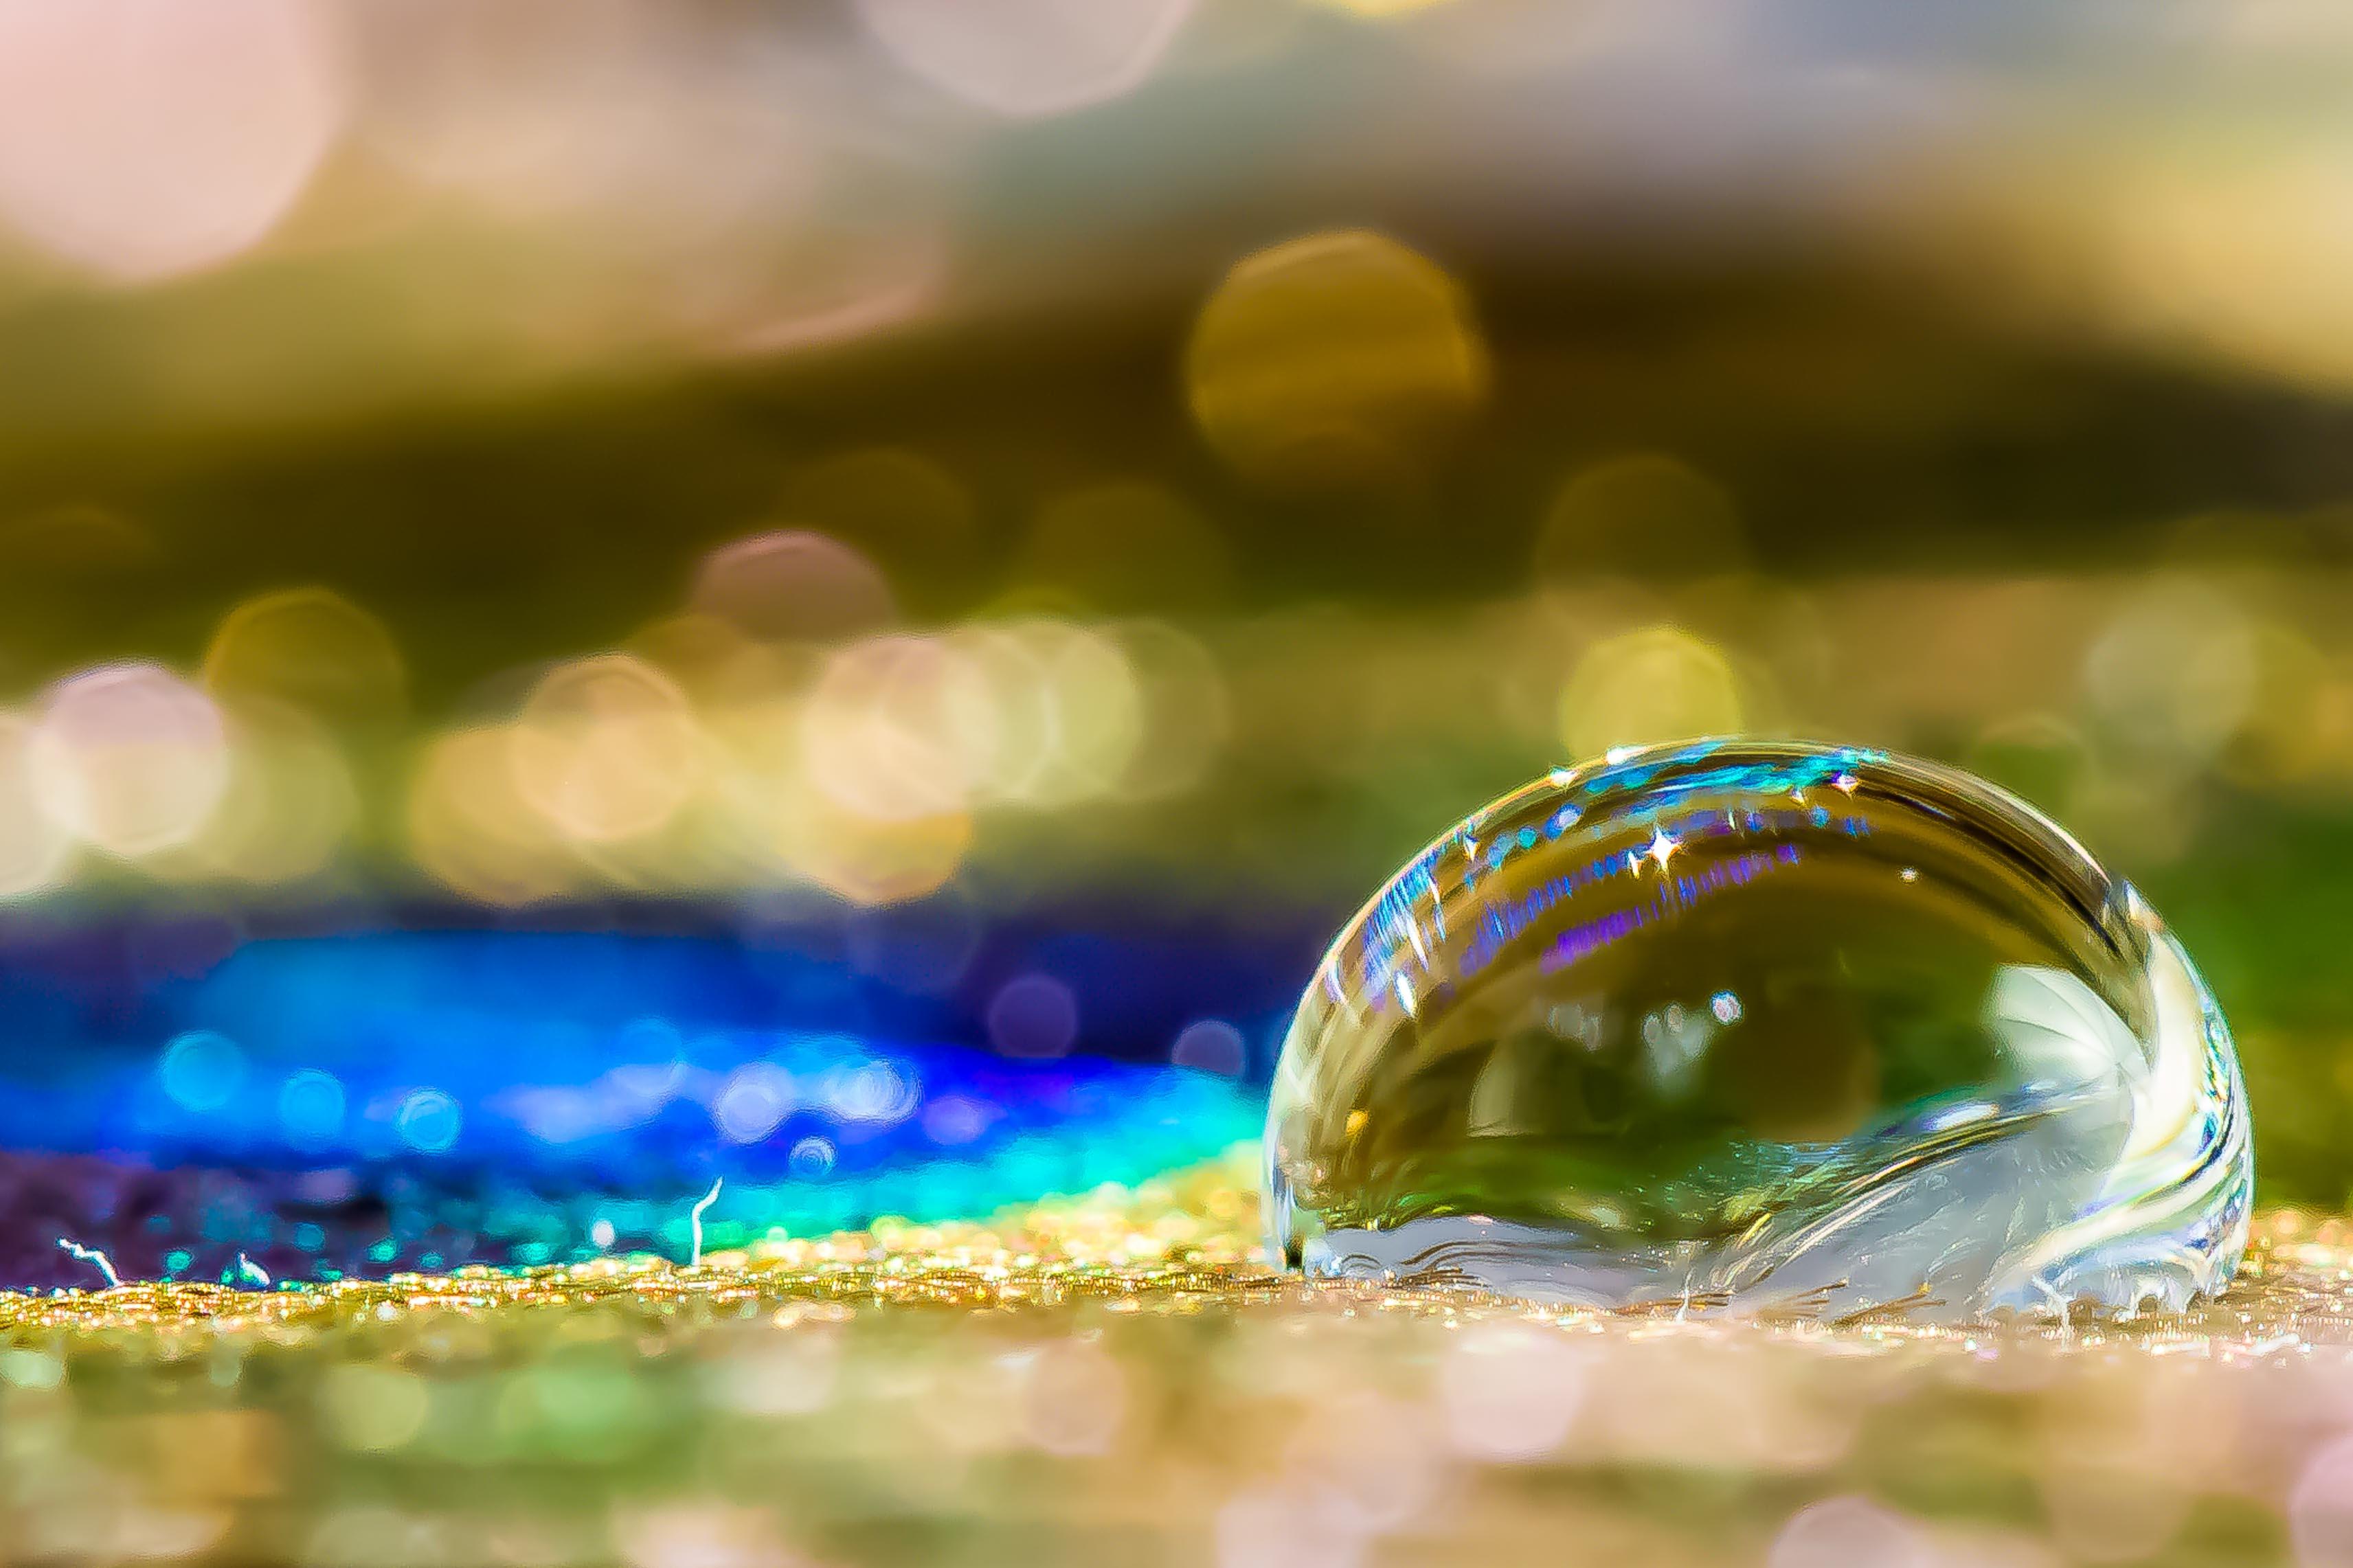 Liquid on perlhuhnfeder photo